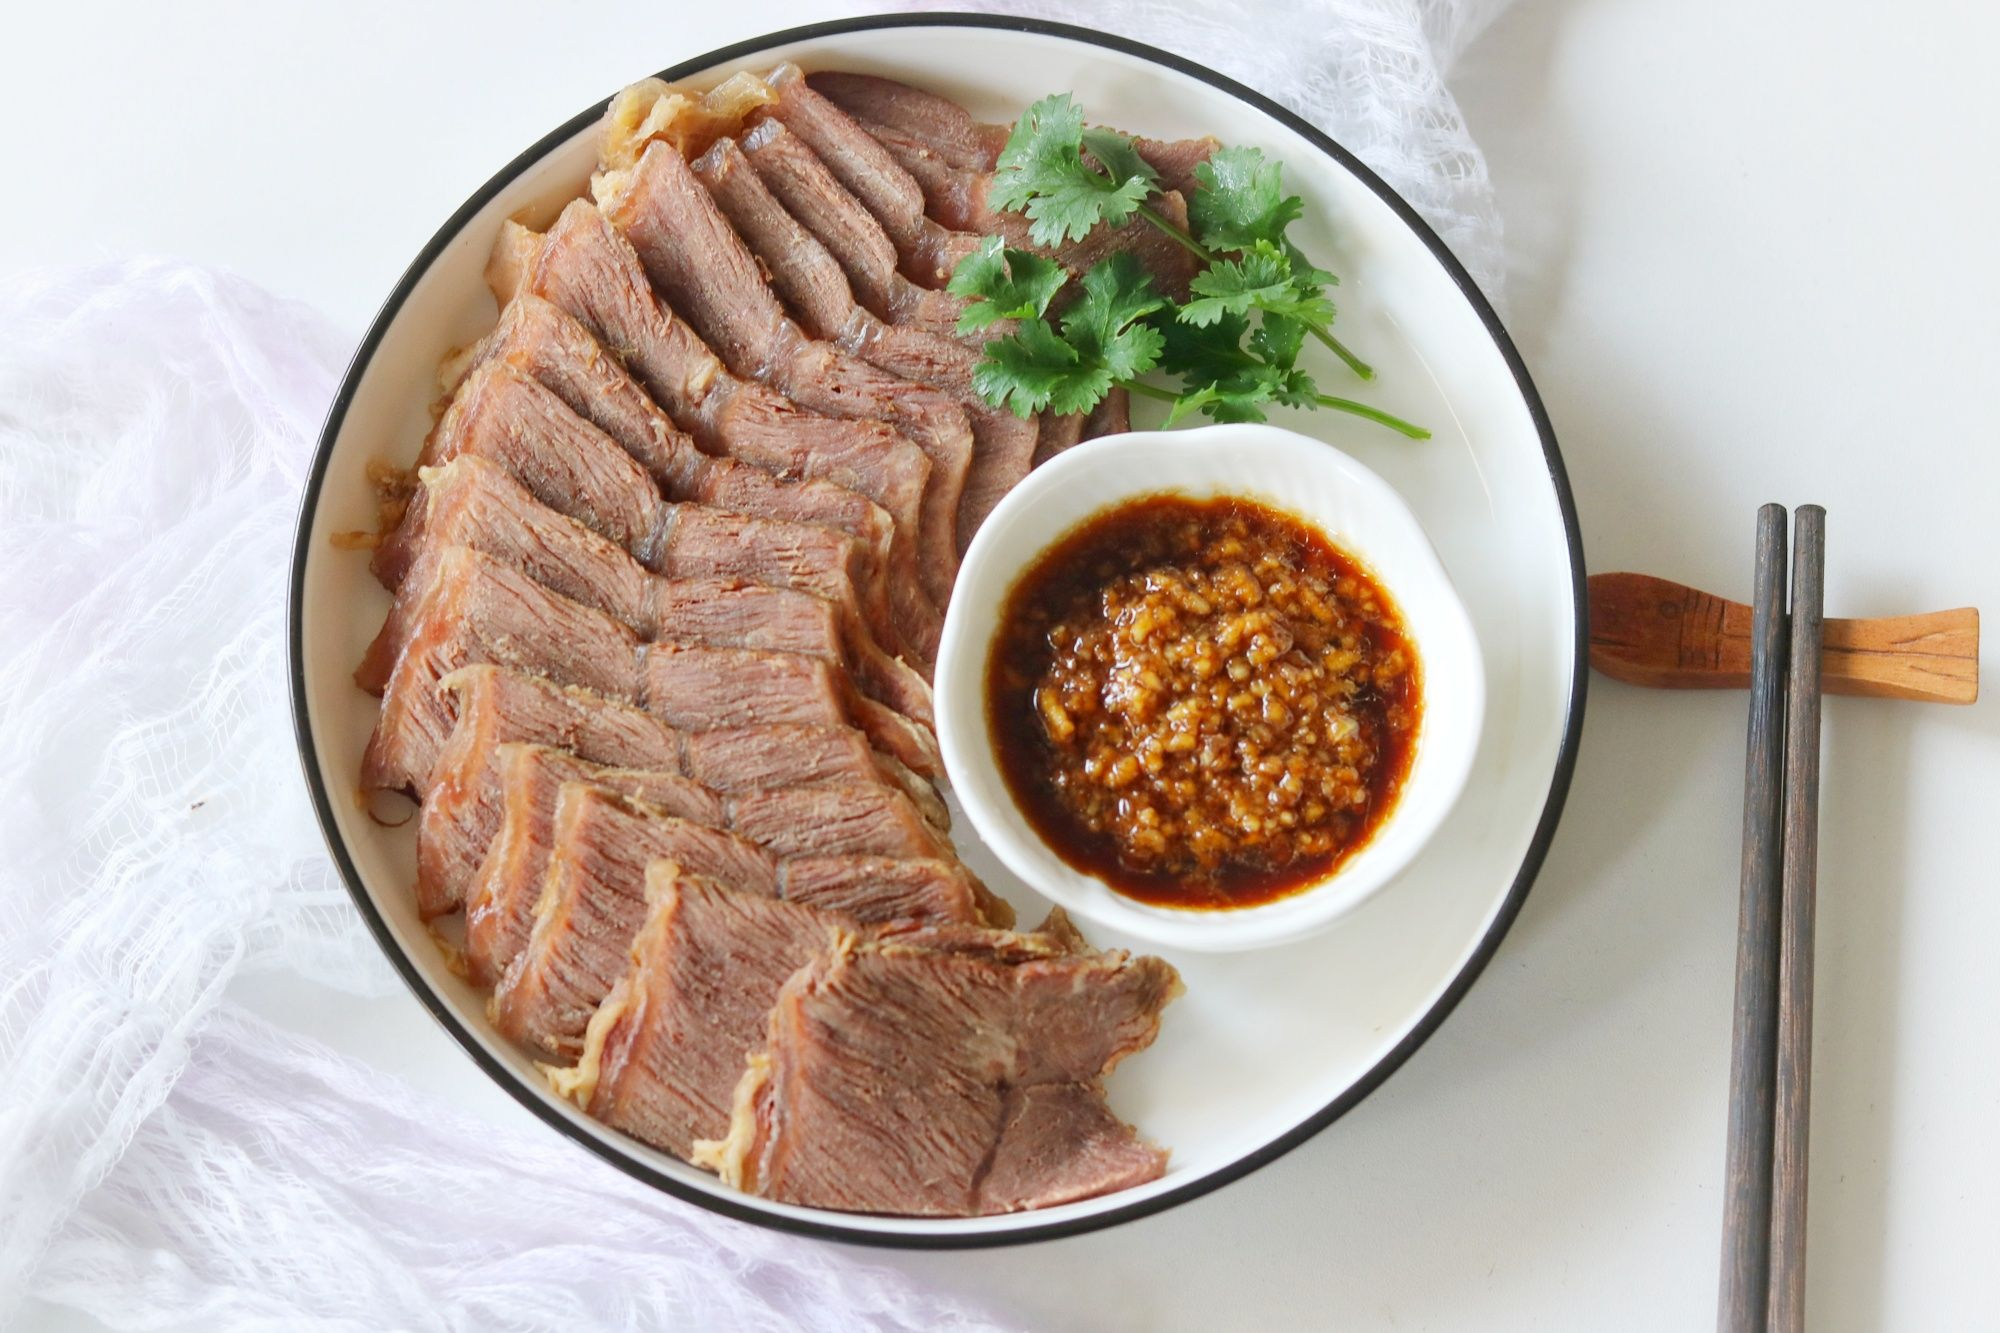 好吃到舔盘的卤牛肉成品图